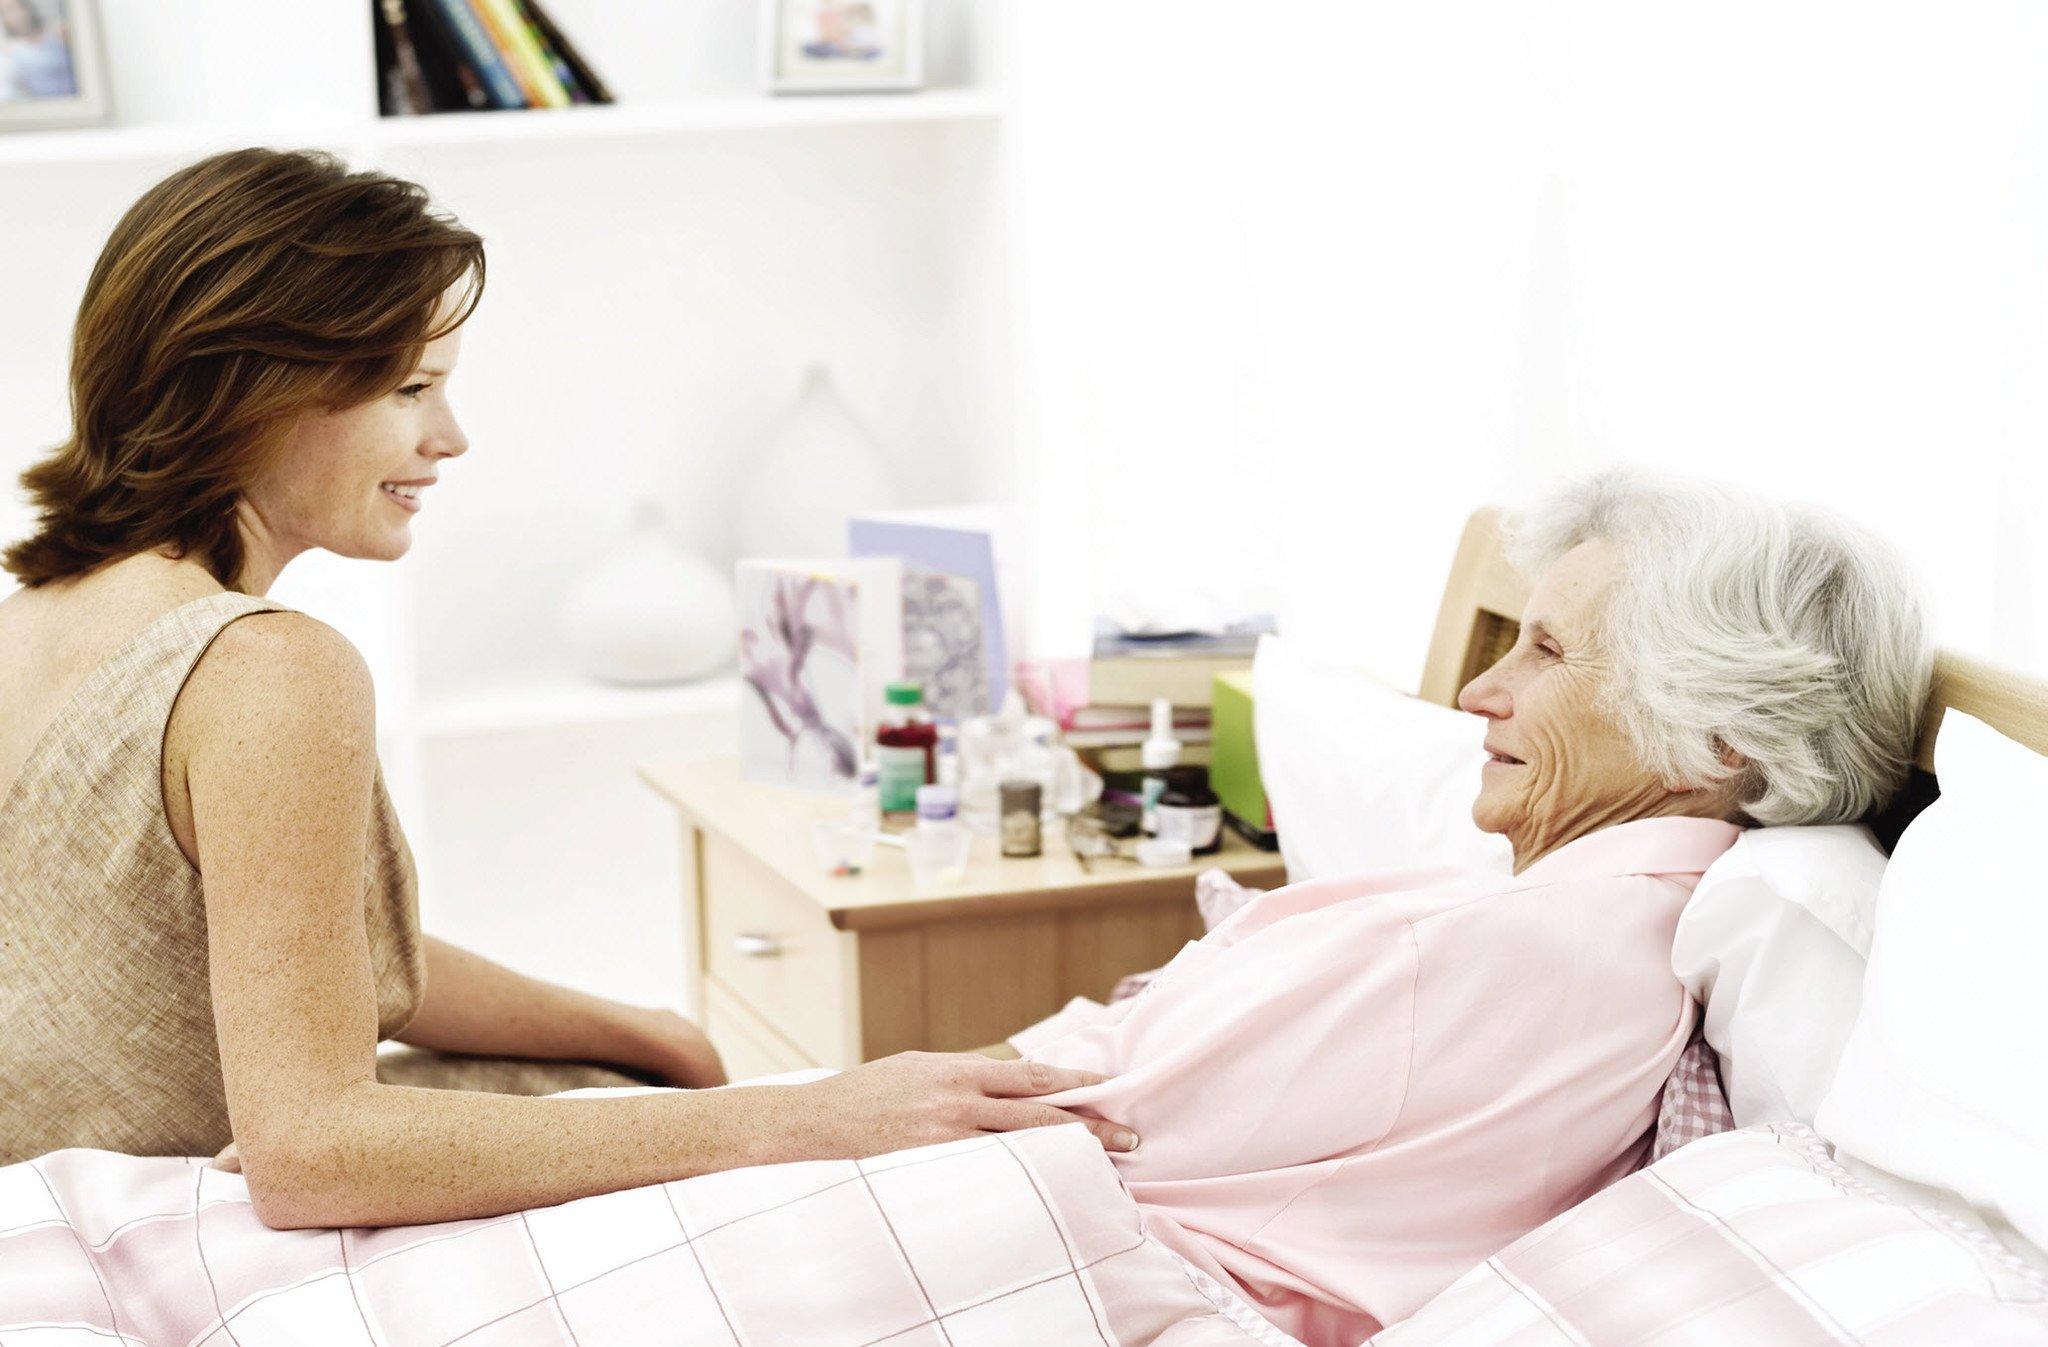 เรื่องที่คุณควรรู้ เกี่ยวกับ ผู้ป่วยนอนติดเตียง